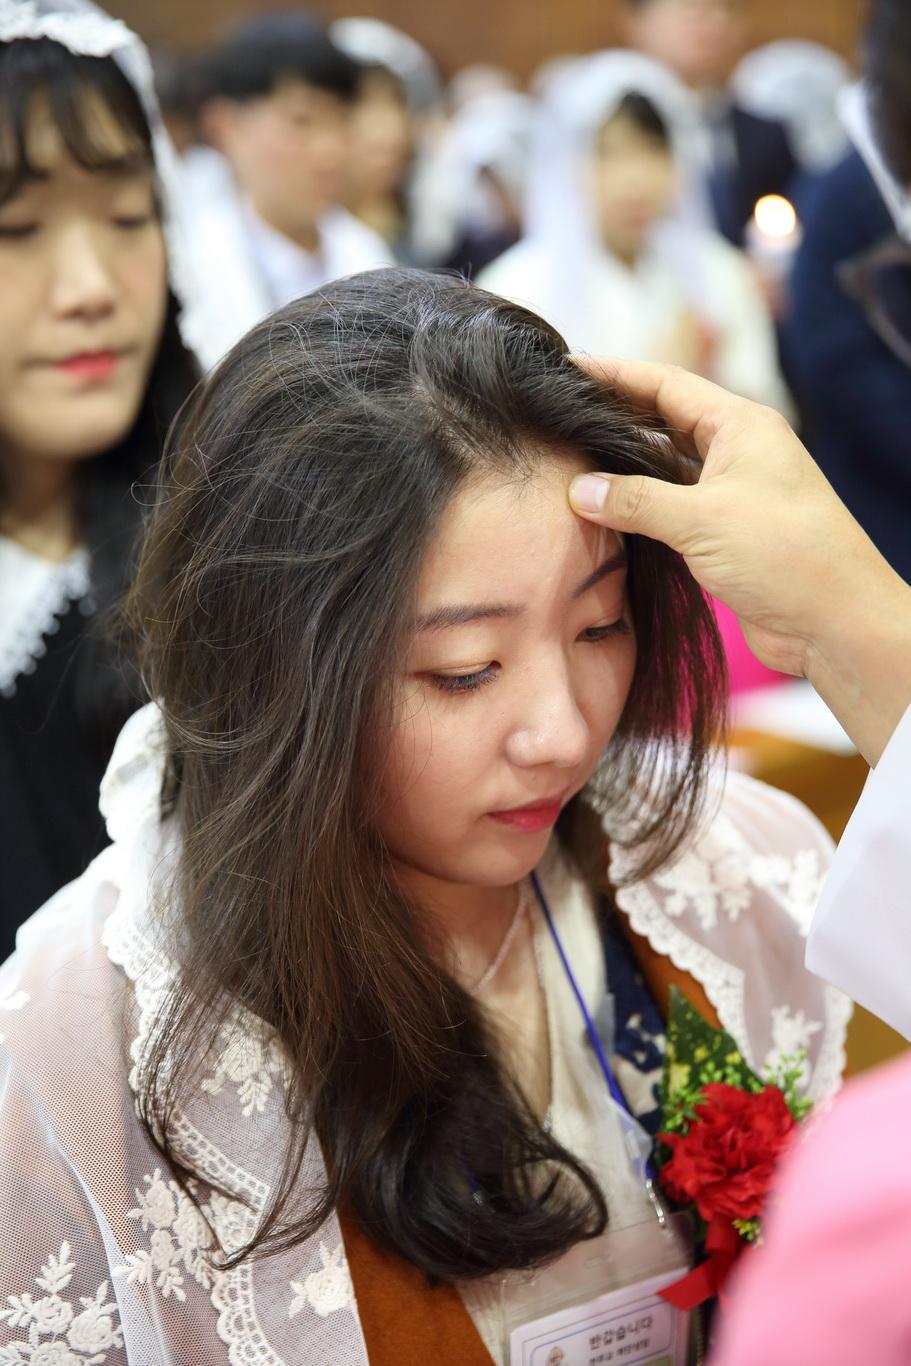 2019-12-15 세례식 (037)_크기변경.JPG